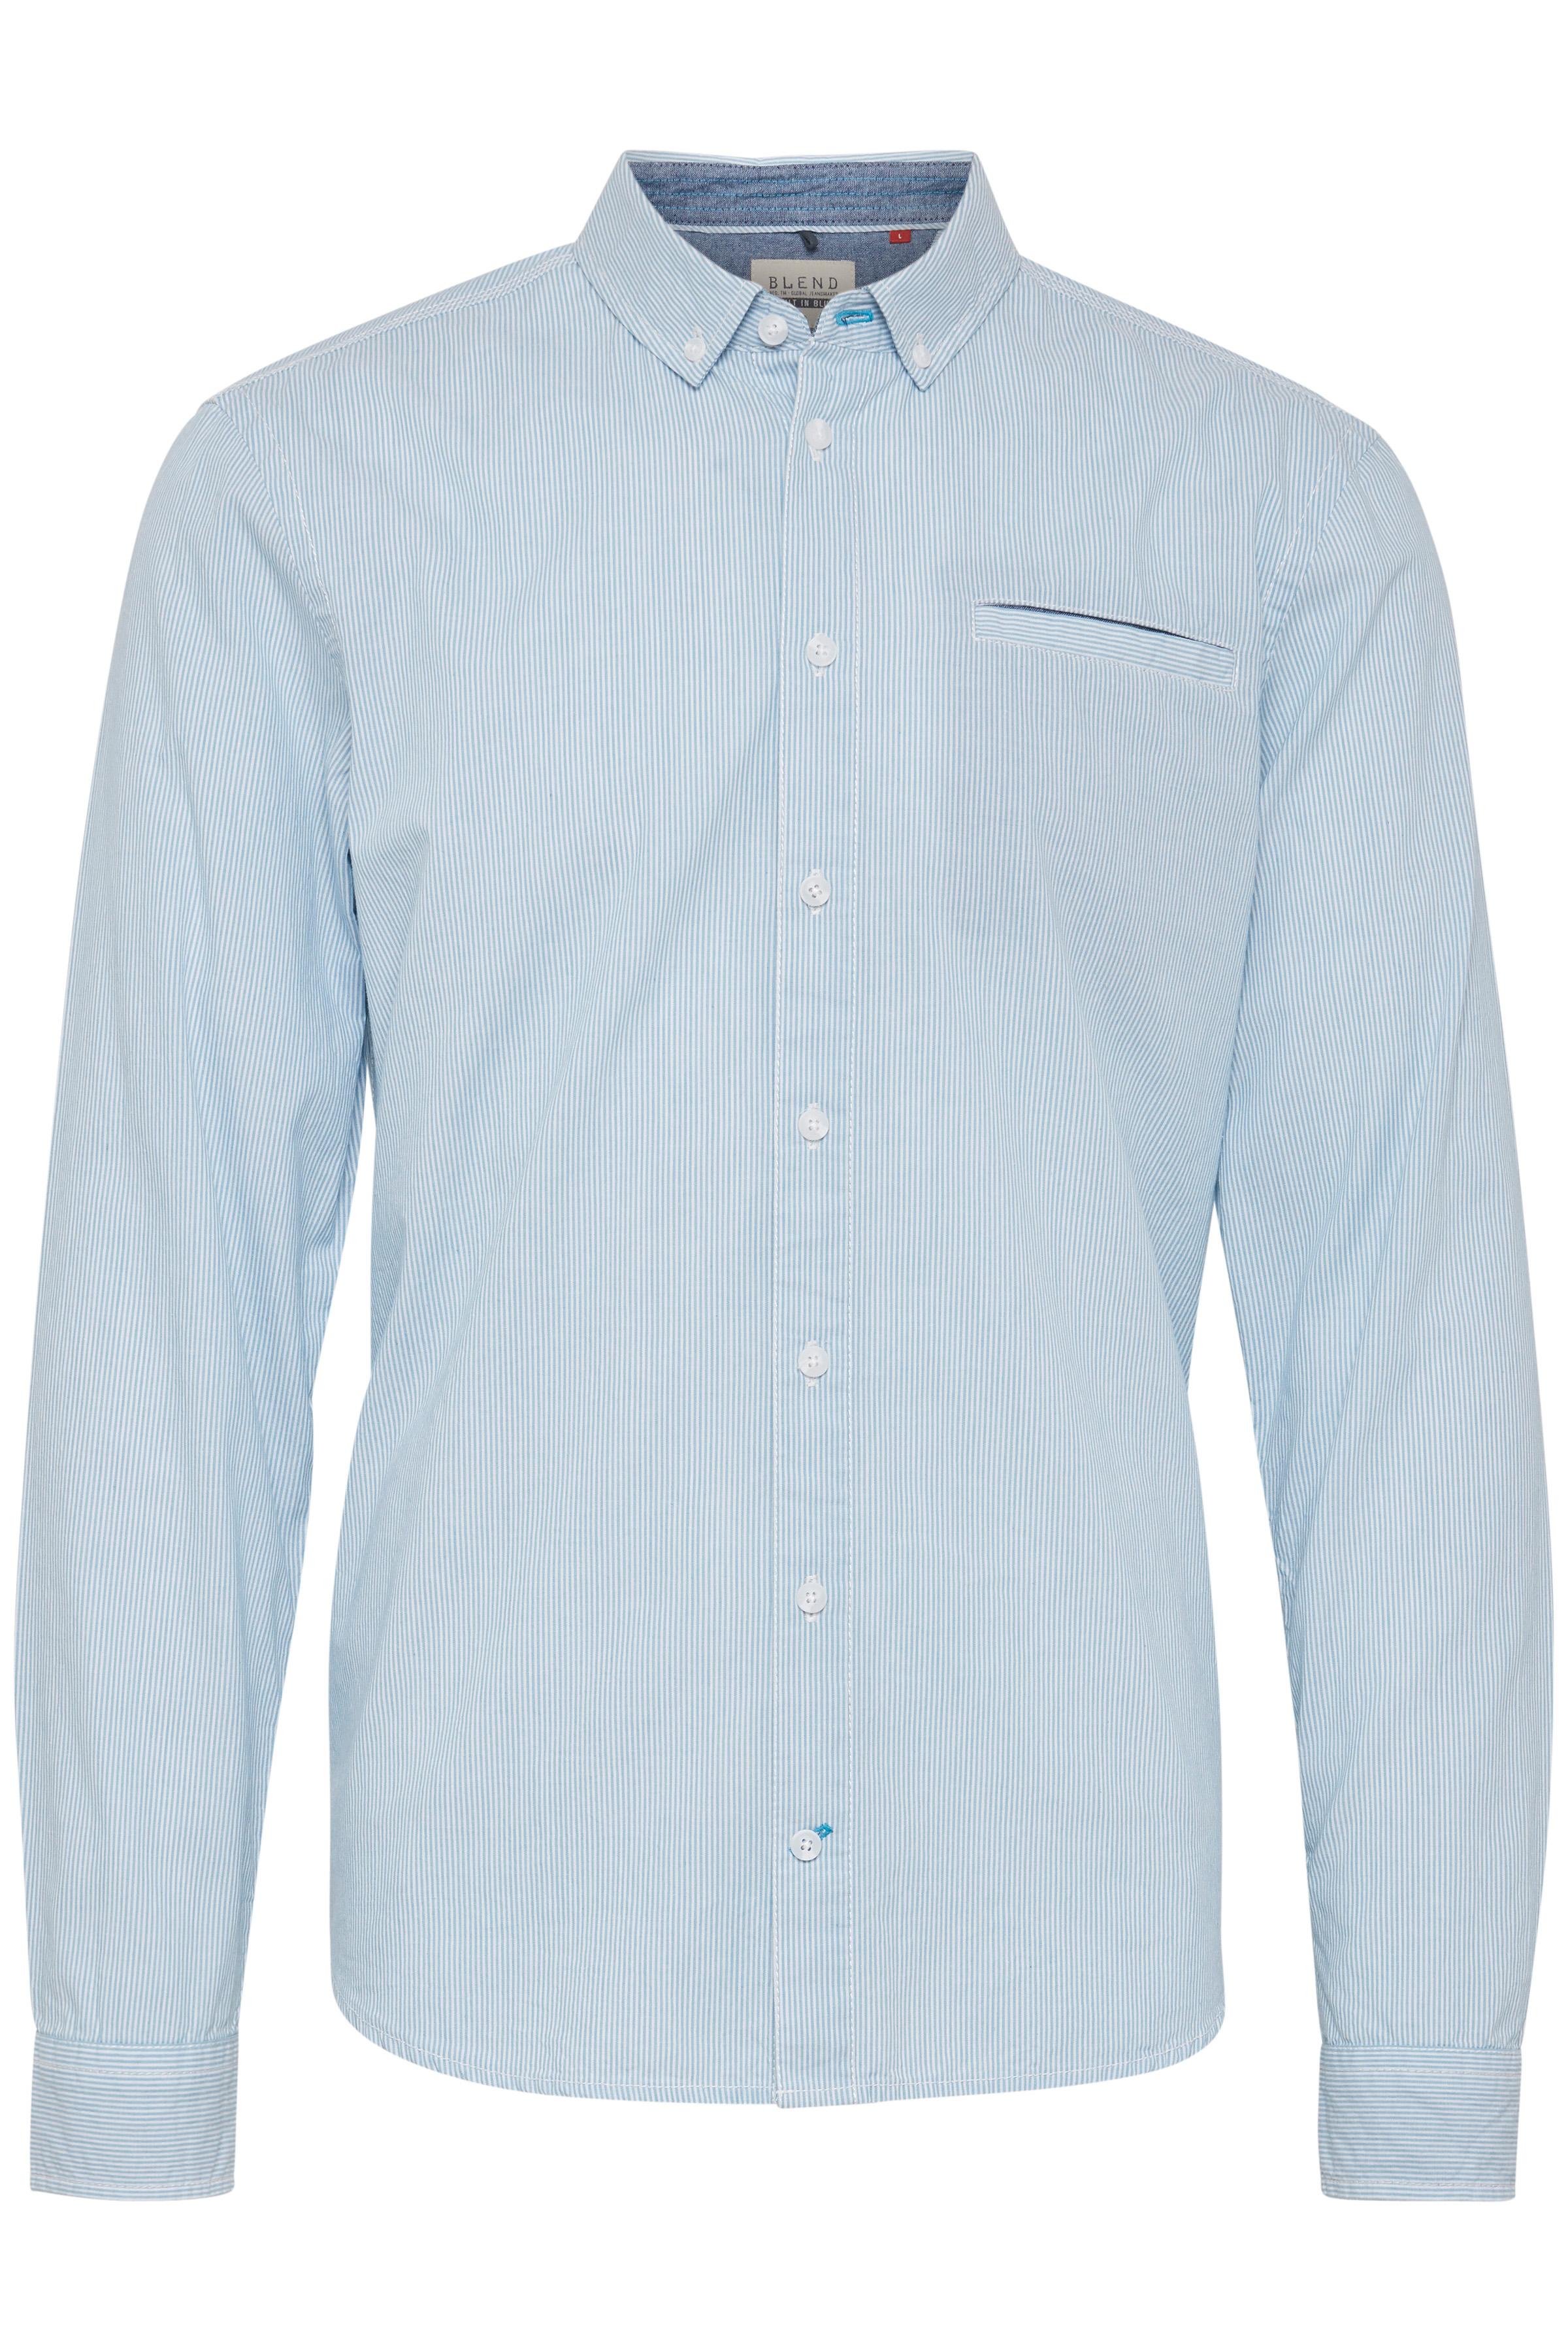 Image of Blend He Herre Langærmet skjorte - Aqua Blue